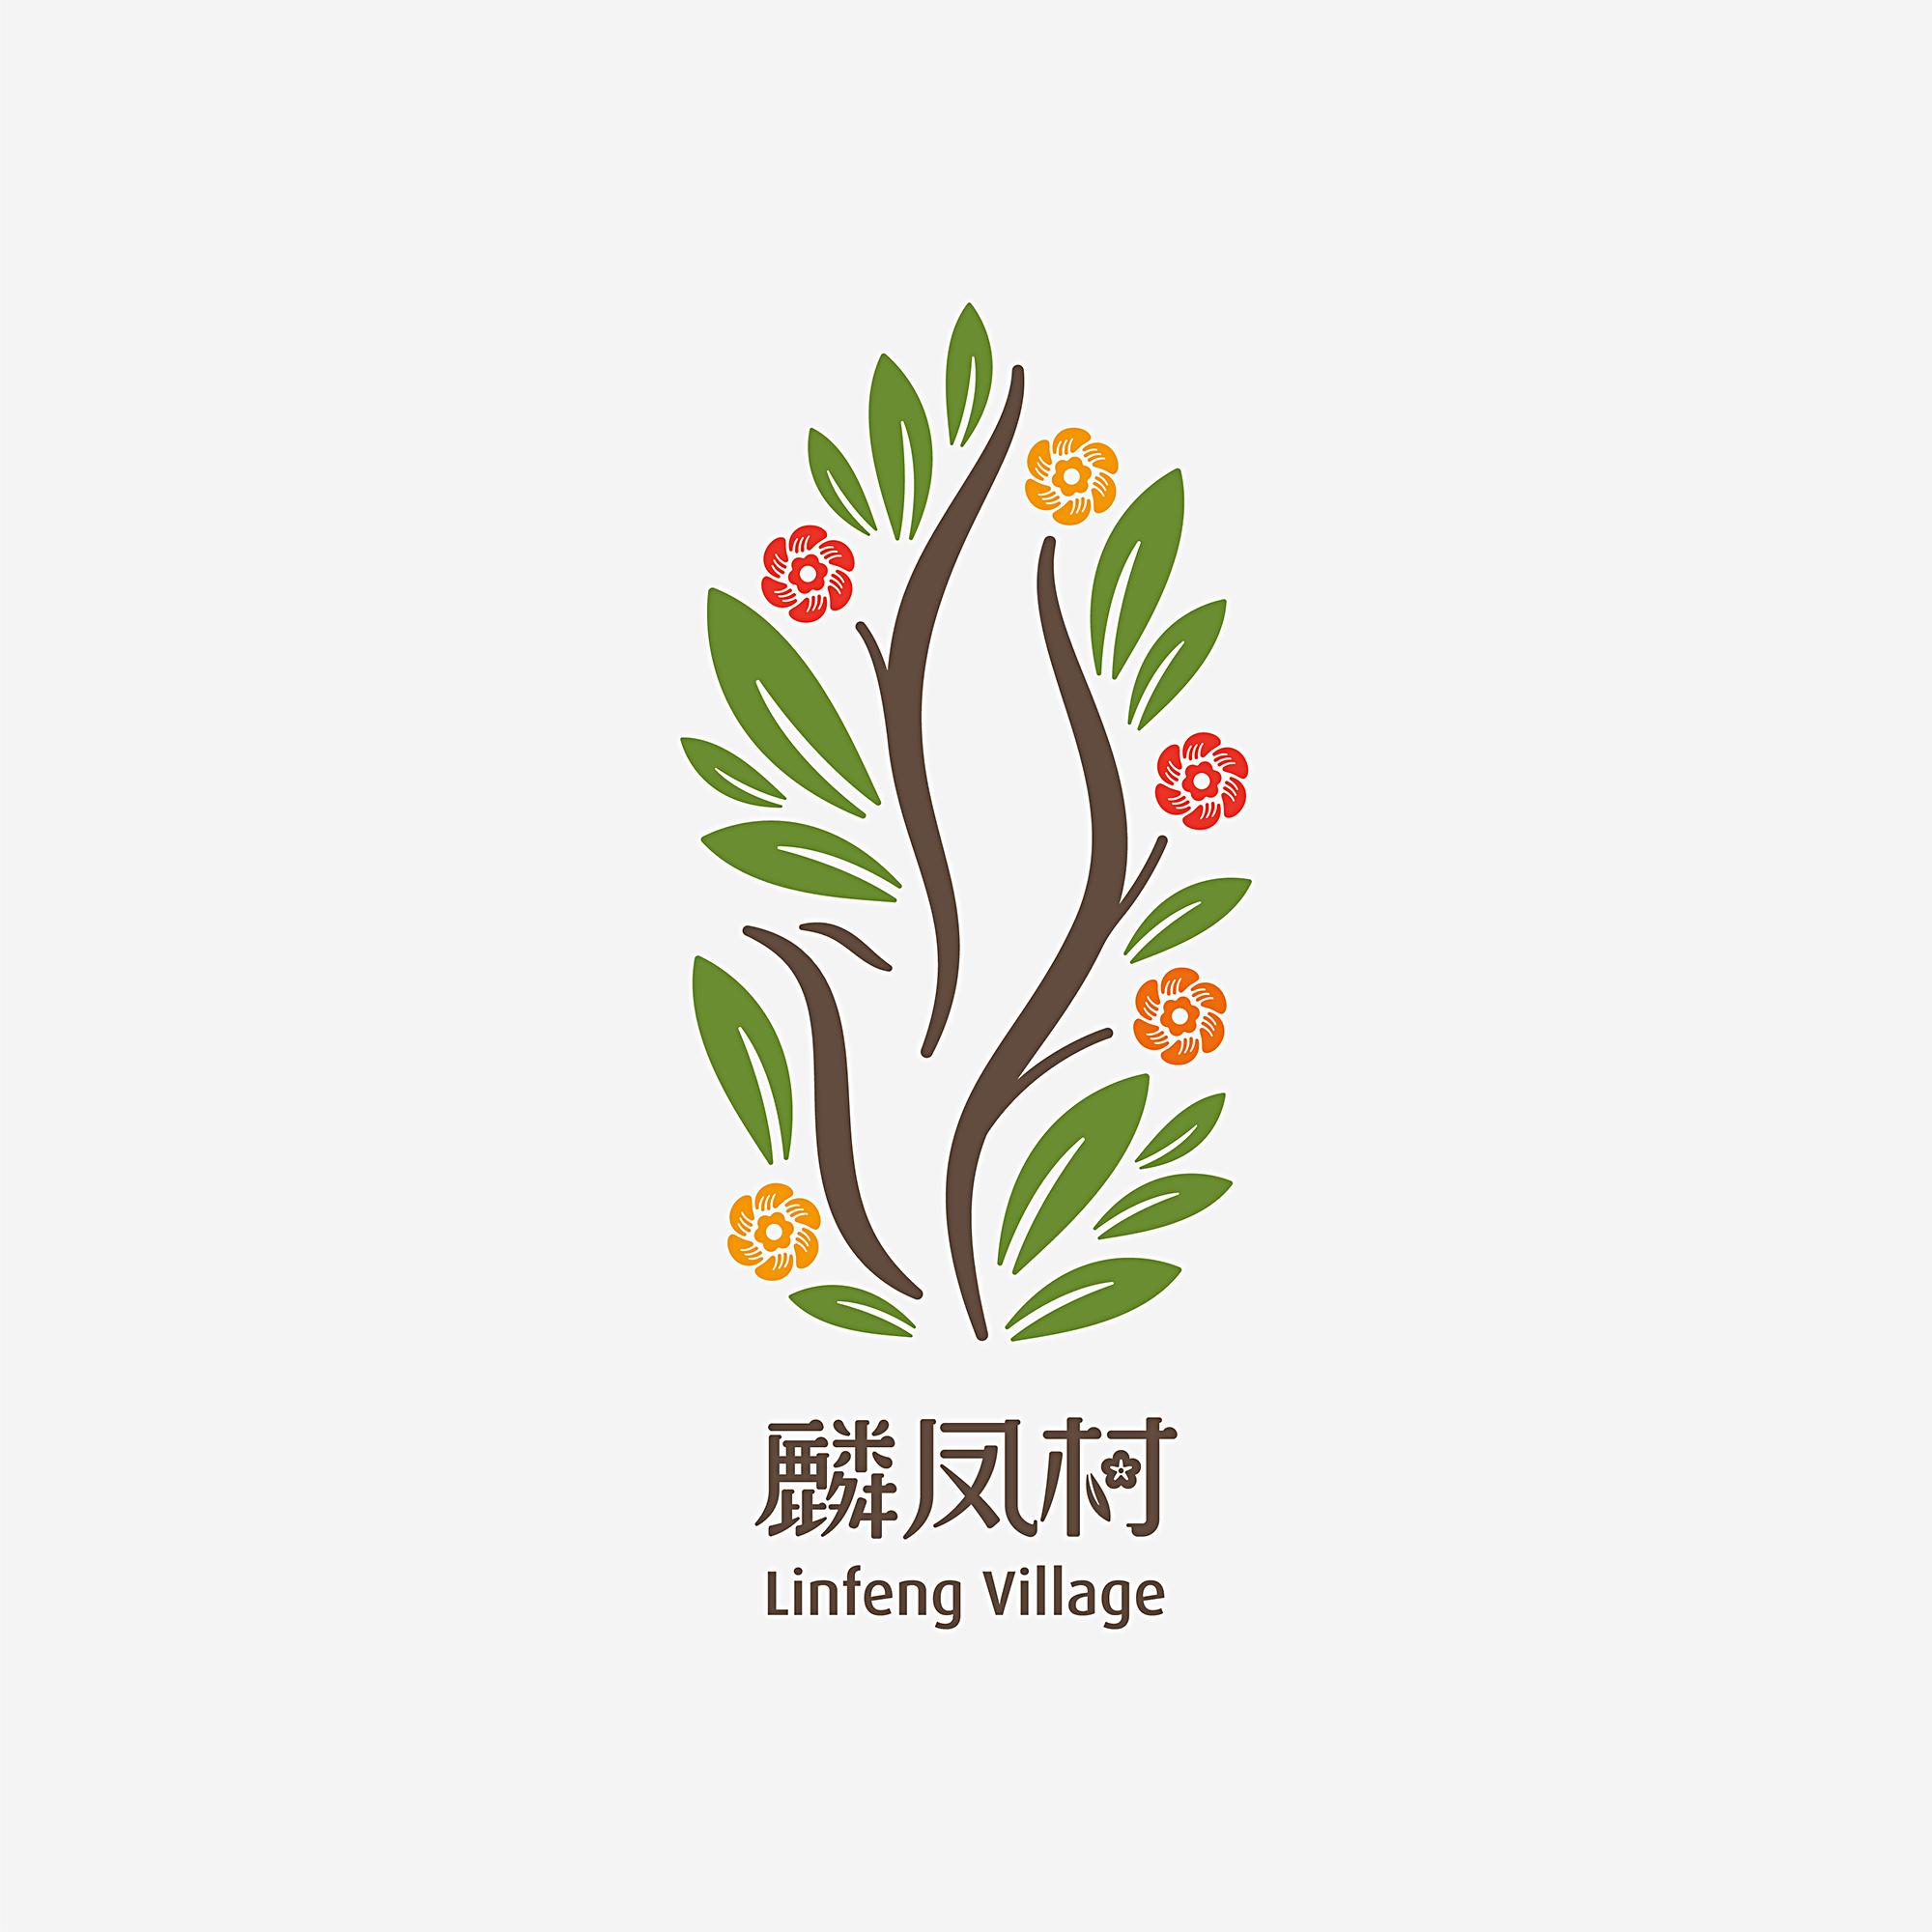 麟凤村视觉形象及标识设计 © 良相设计